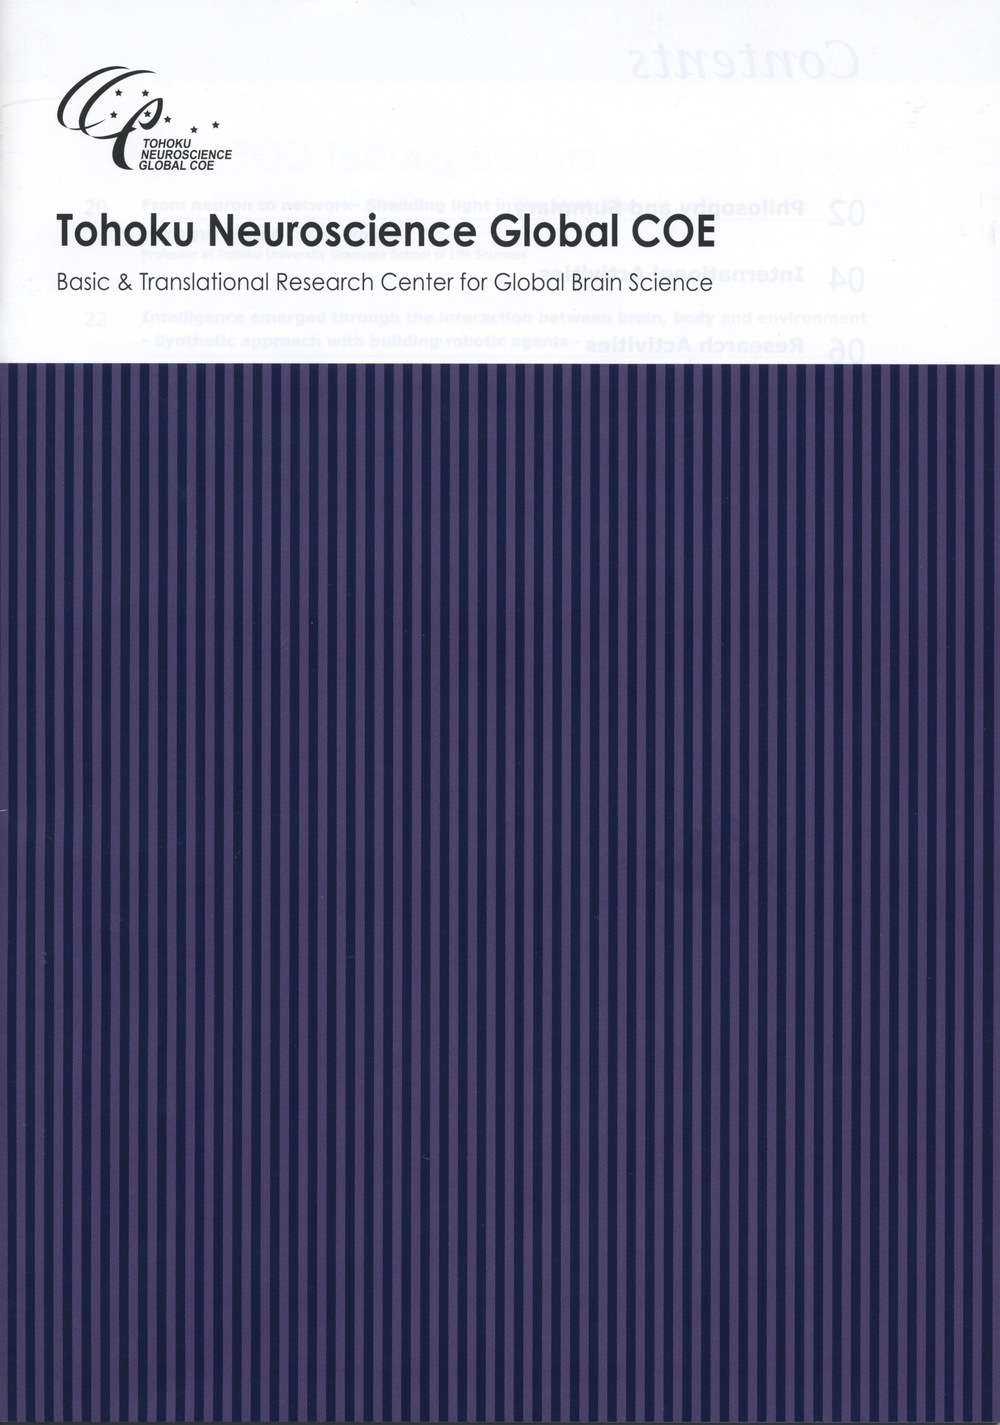 Tohoku Neuroscience Global COE